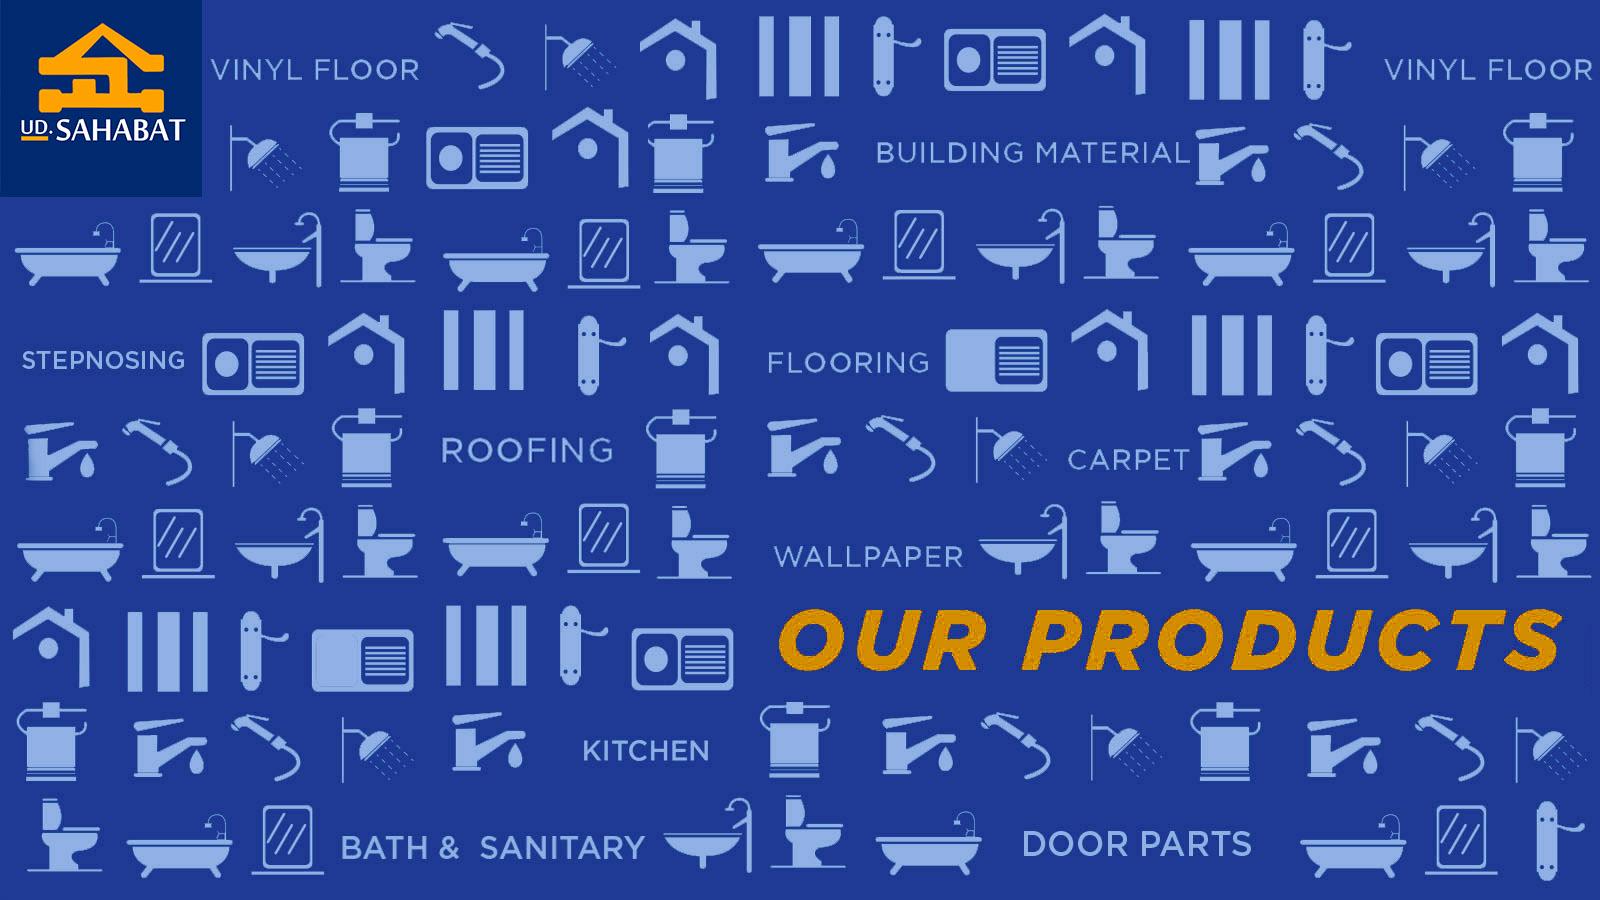 distributor building material surabaya UD SAHABAT BALIWERTI